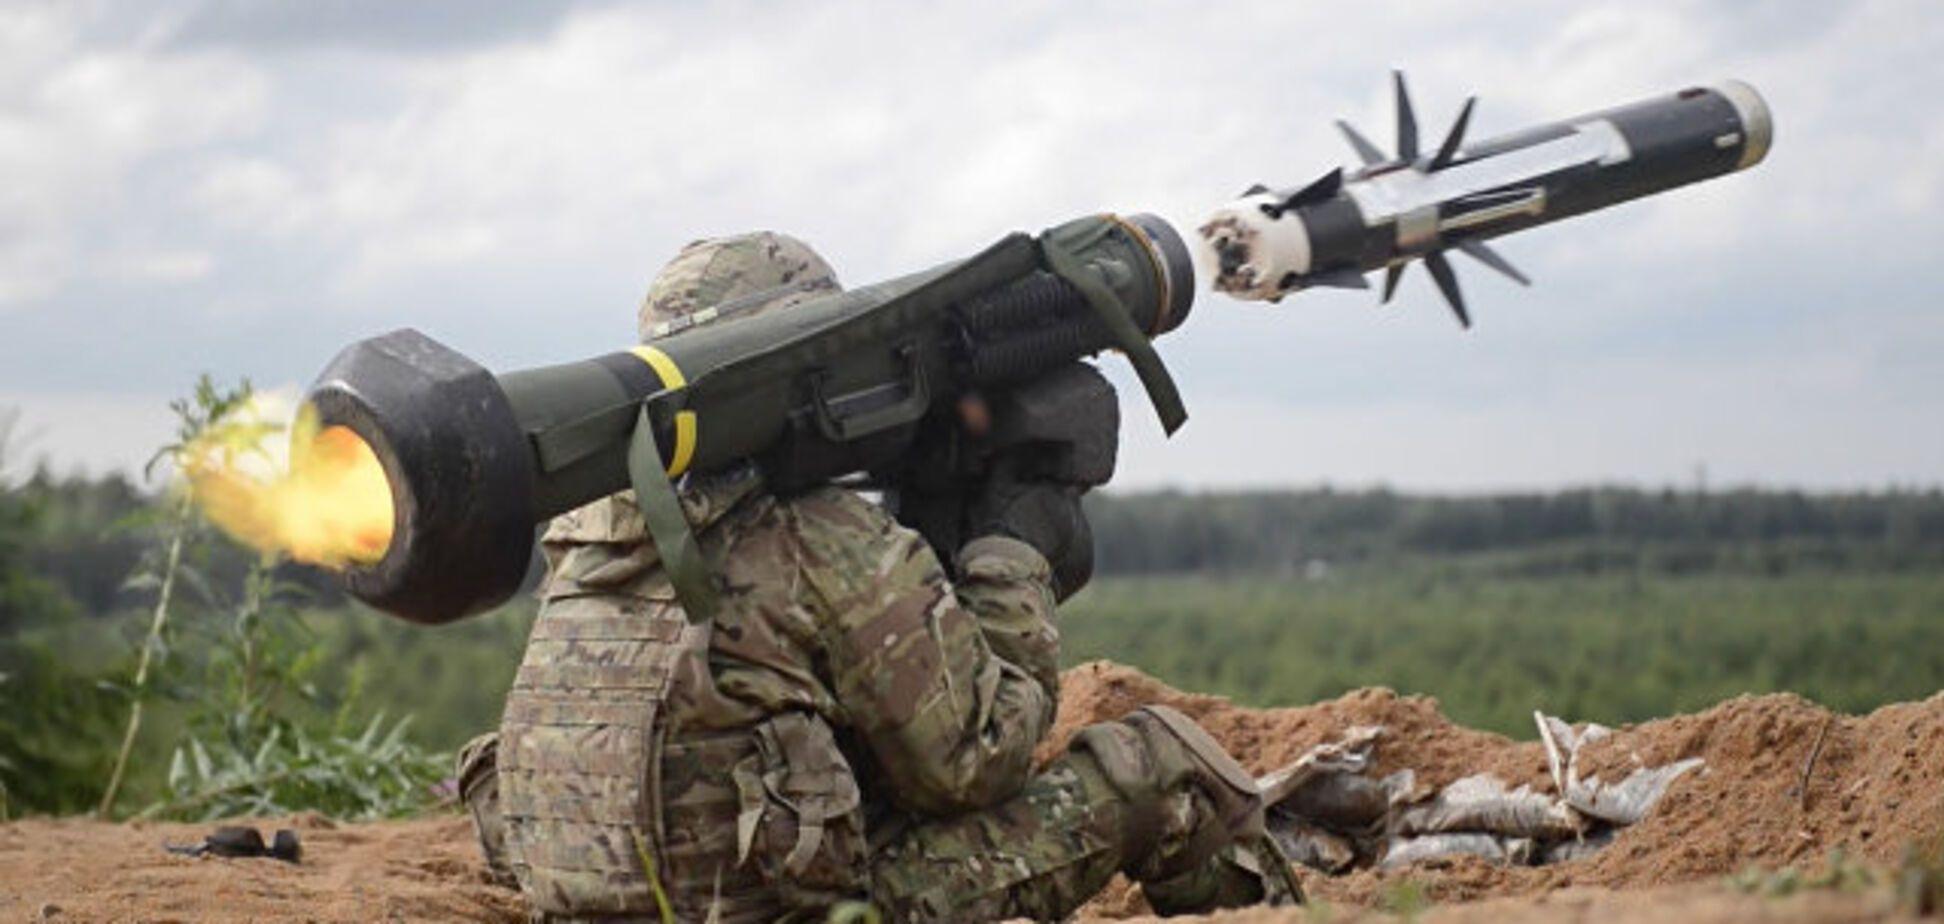 'Третя сила' розбила передову позицію 'Л/ДНР' на Донбасі